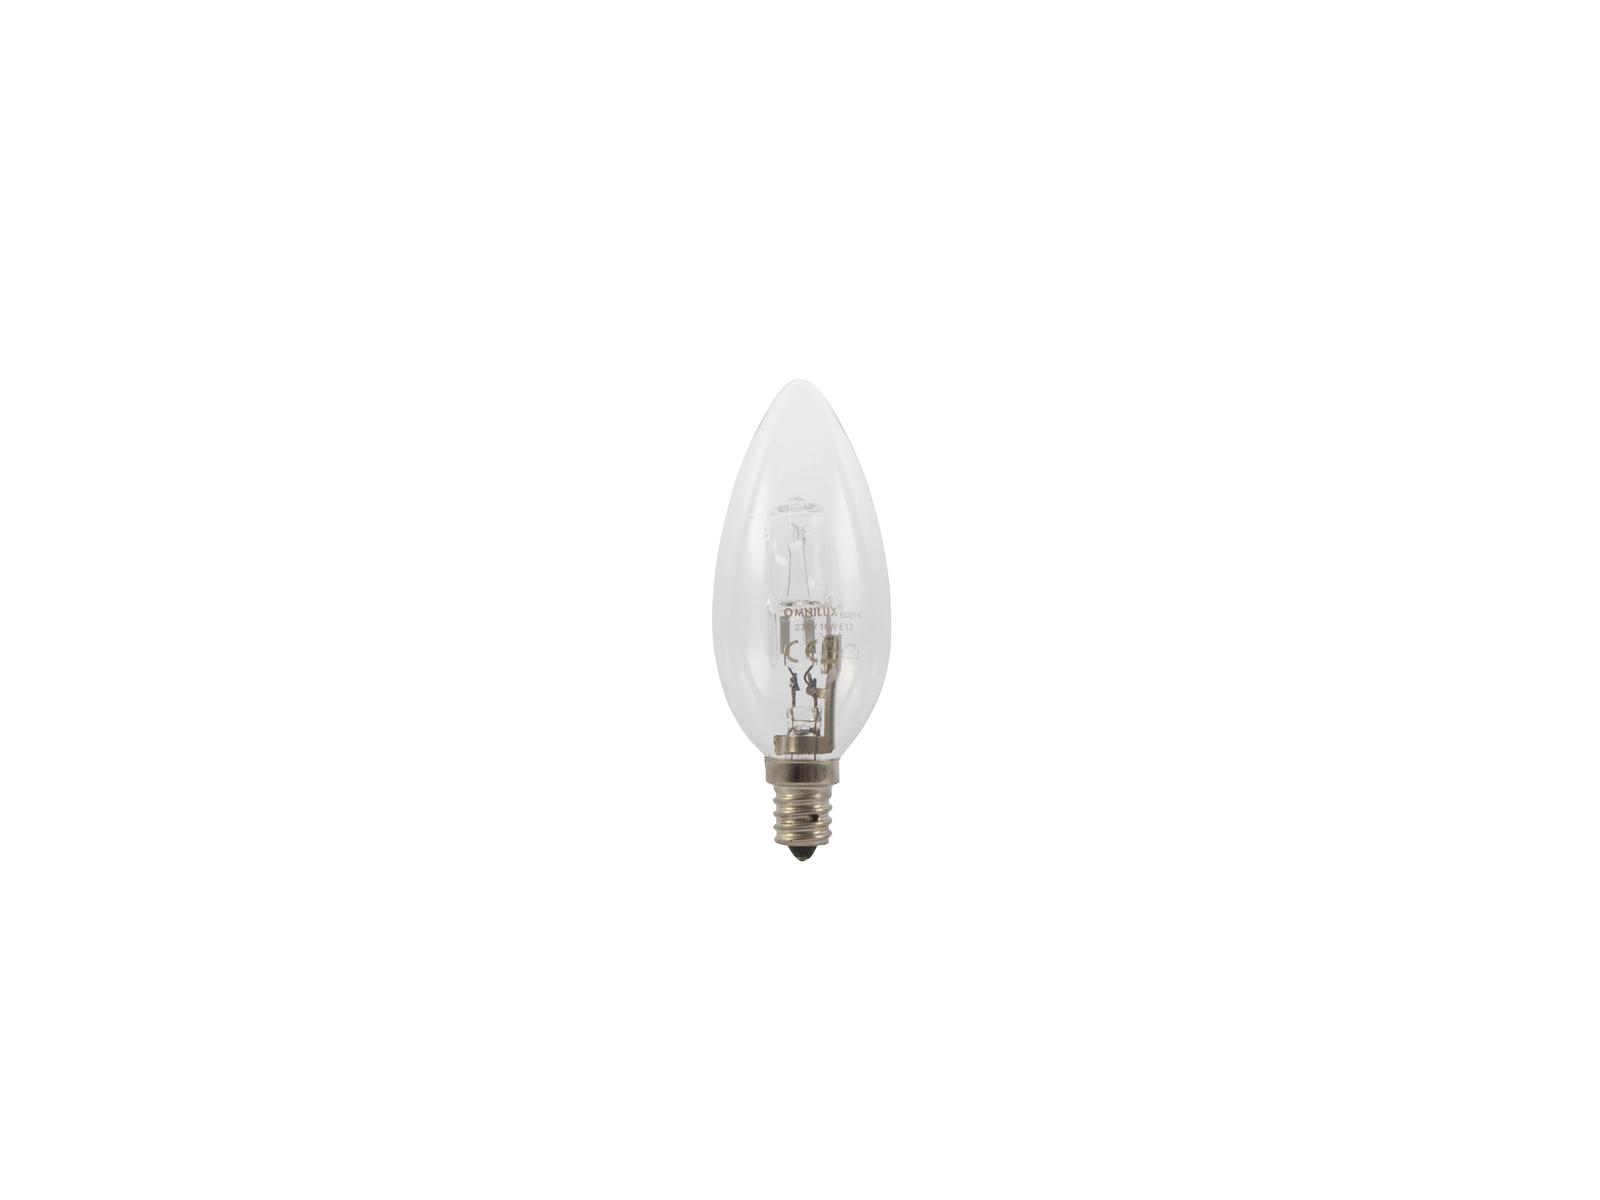 OMNILUX 230V/18W E-12 lampada della candela chiaro H